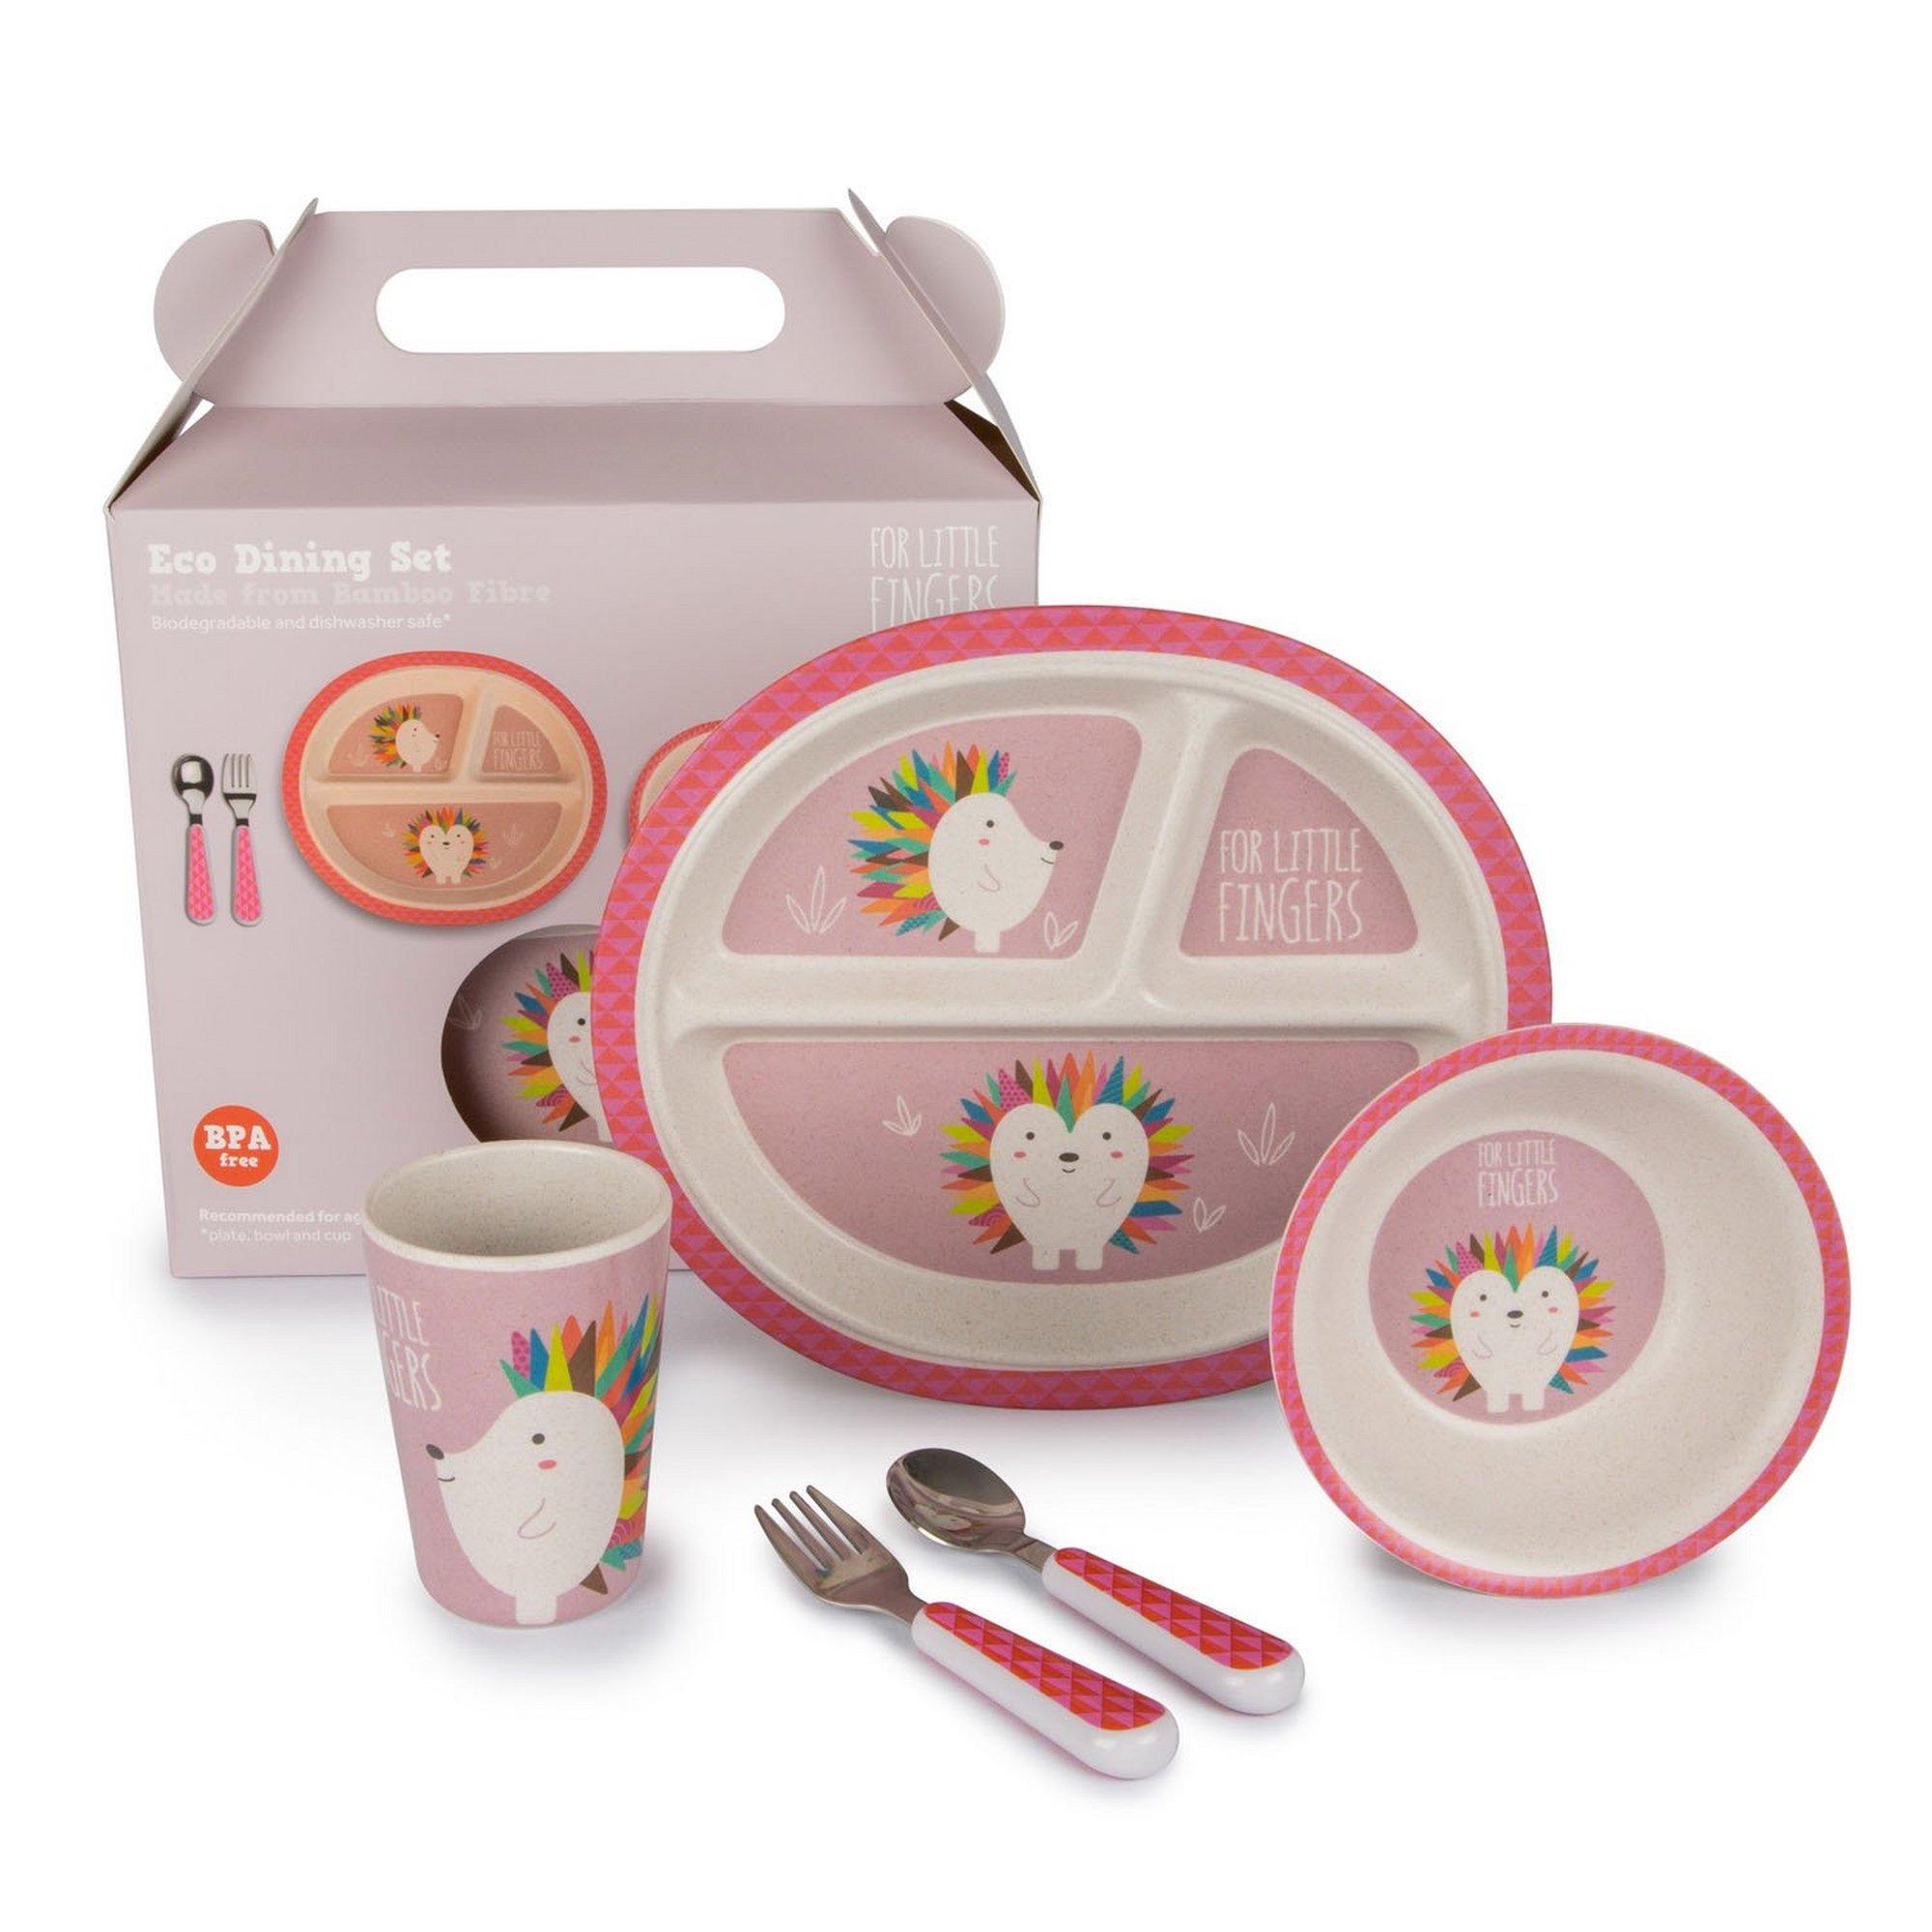 Image of For Little Fingers Dinner Set